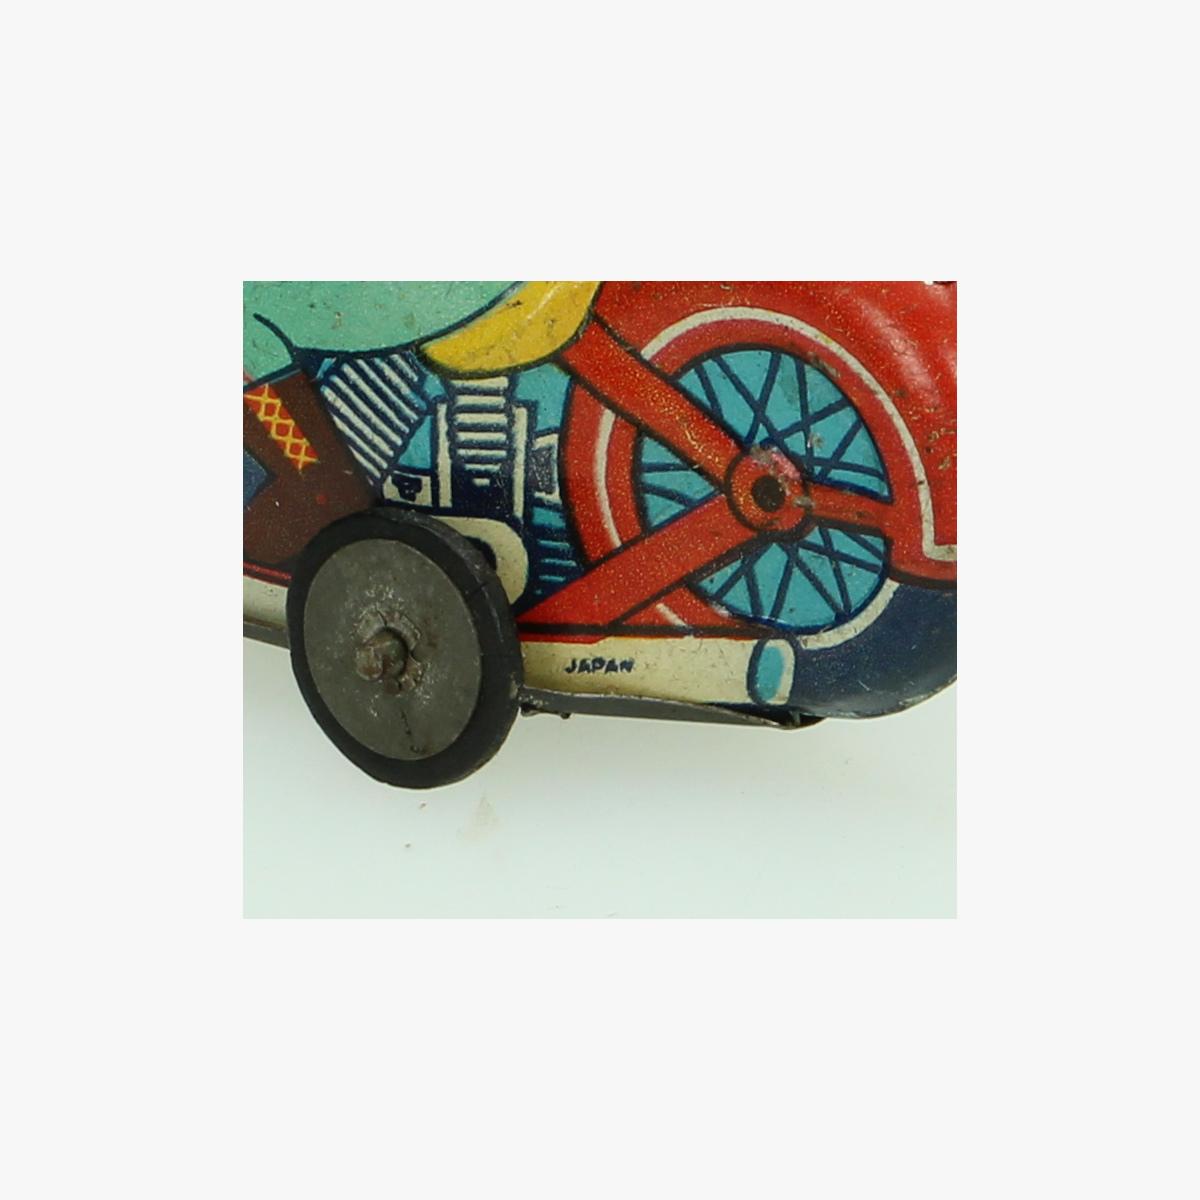 Afbeeldingen van indian blikken motor jaren 50 made in Japan alps trade mark